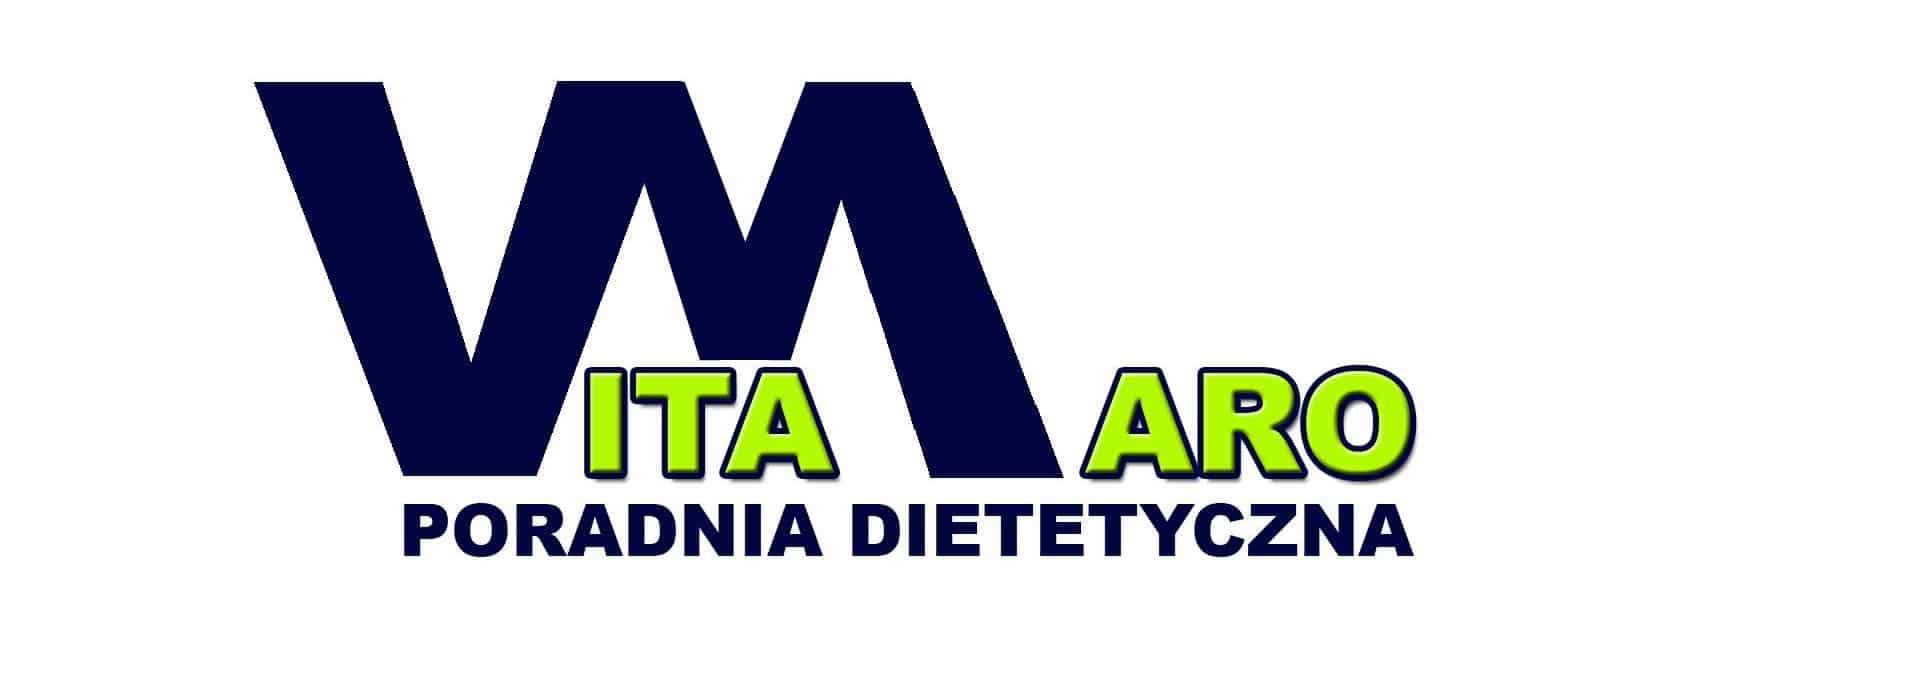 logo firmy2 copy — kopia